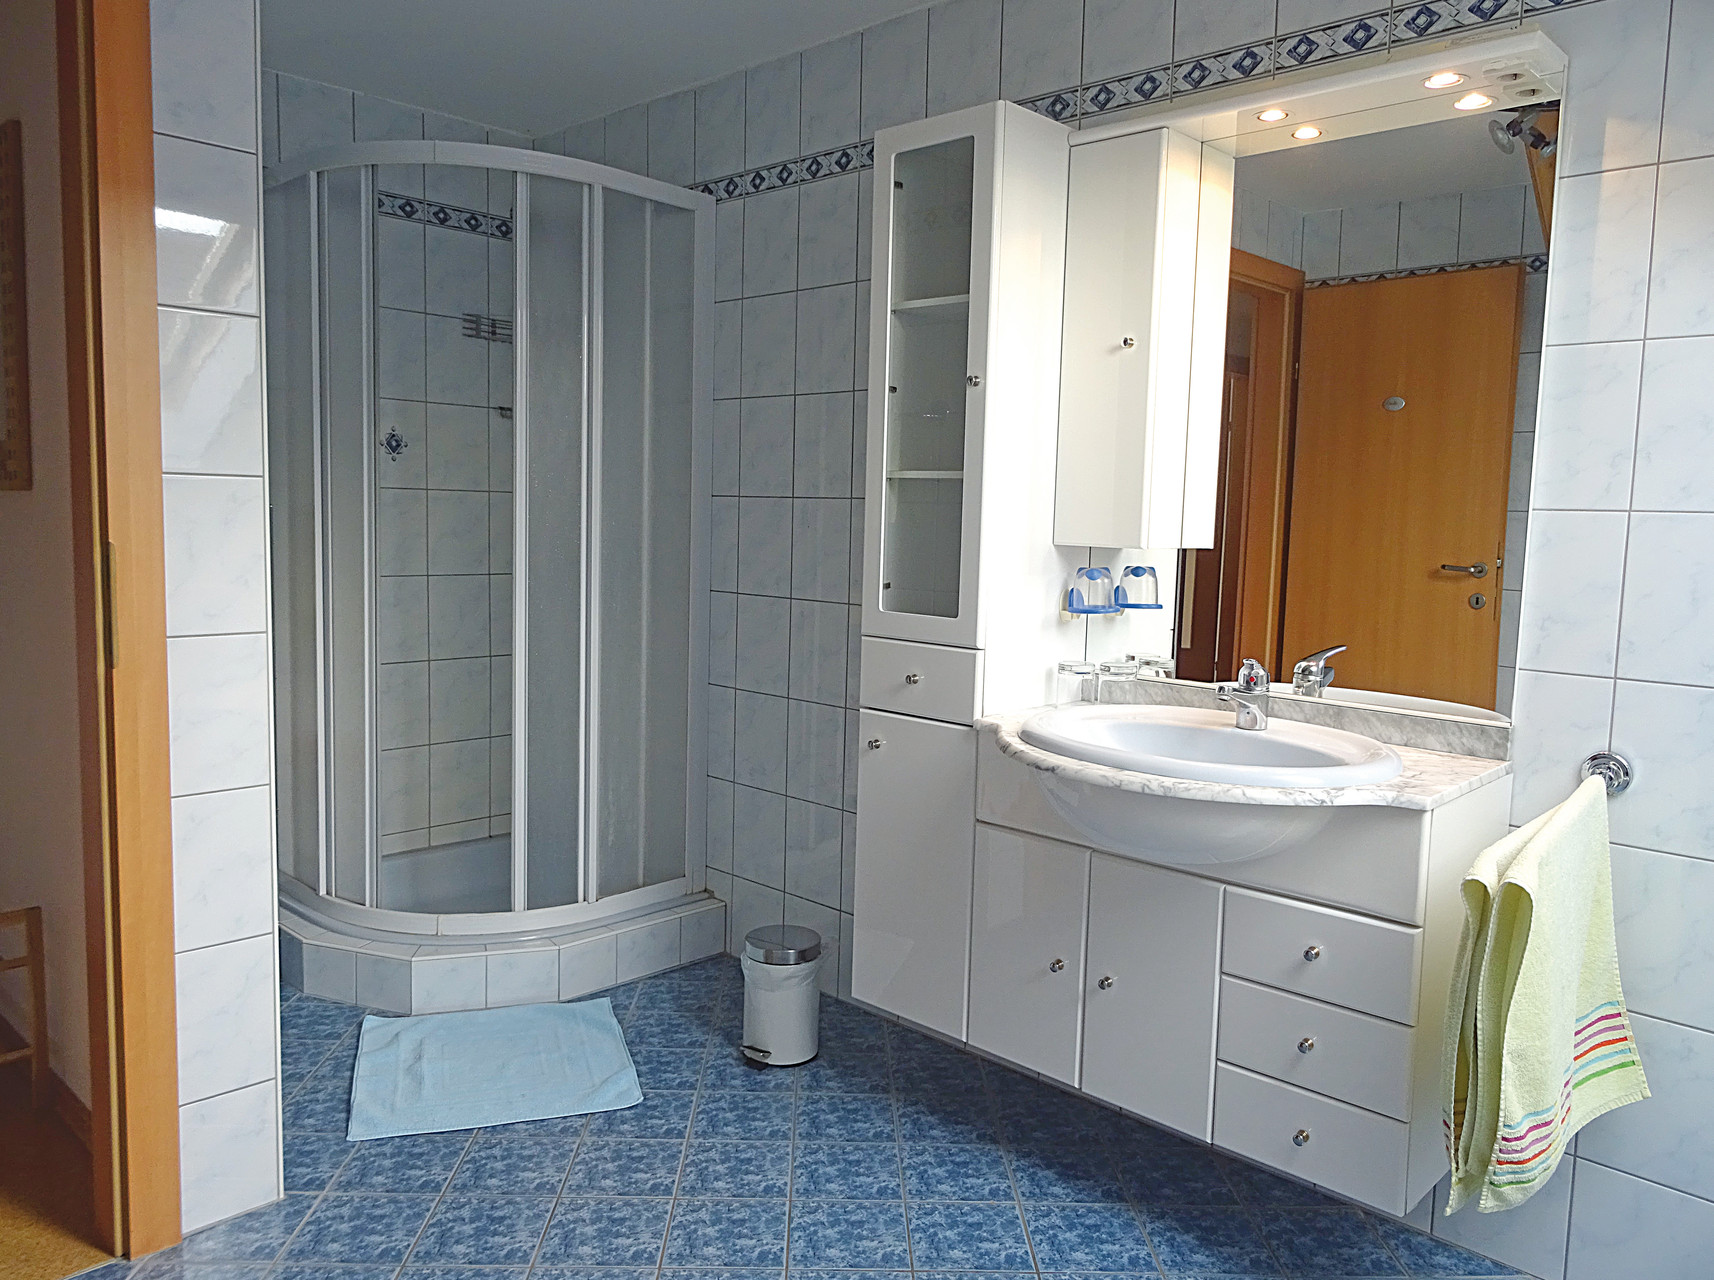 Badezimer mit Badewanne und Dusche